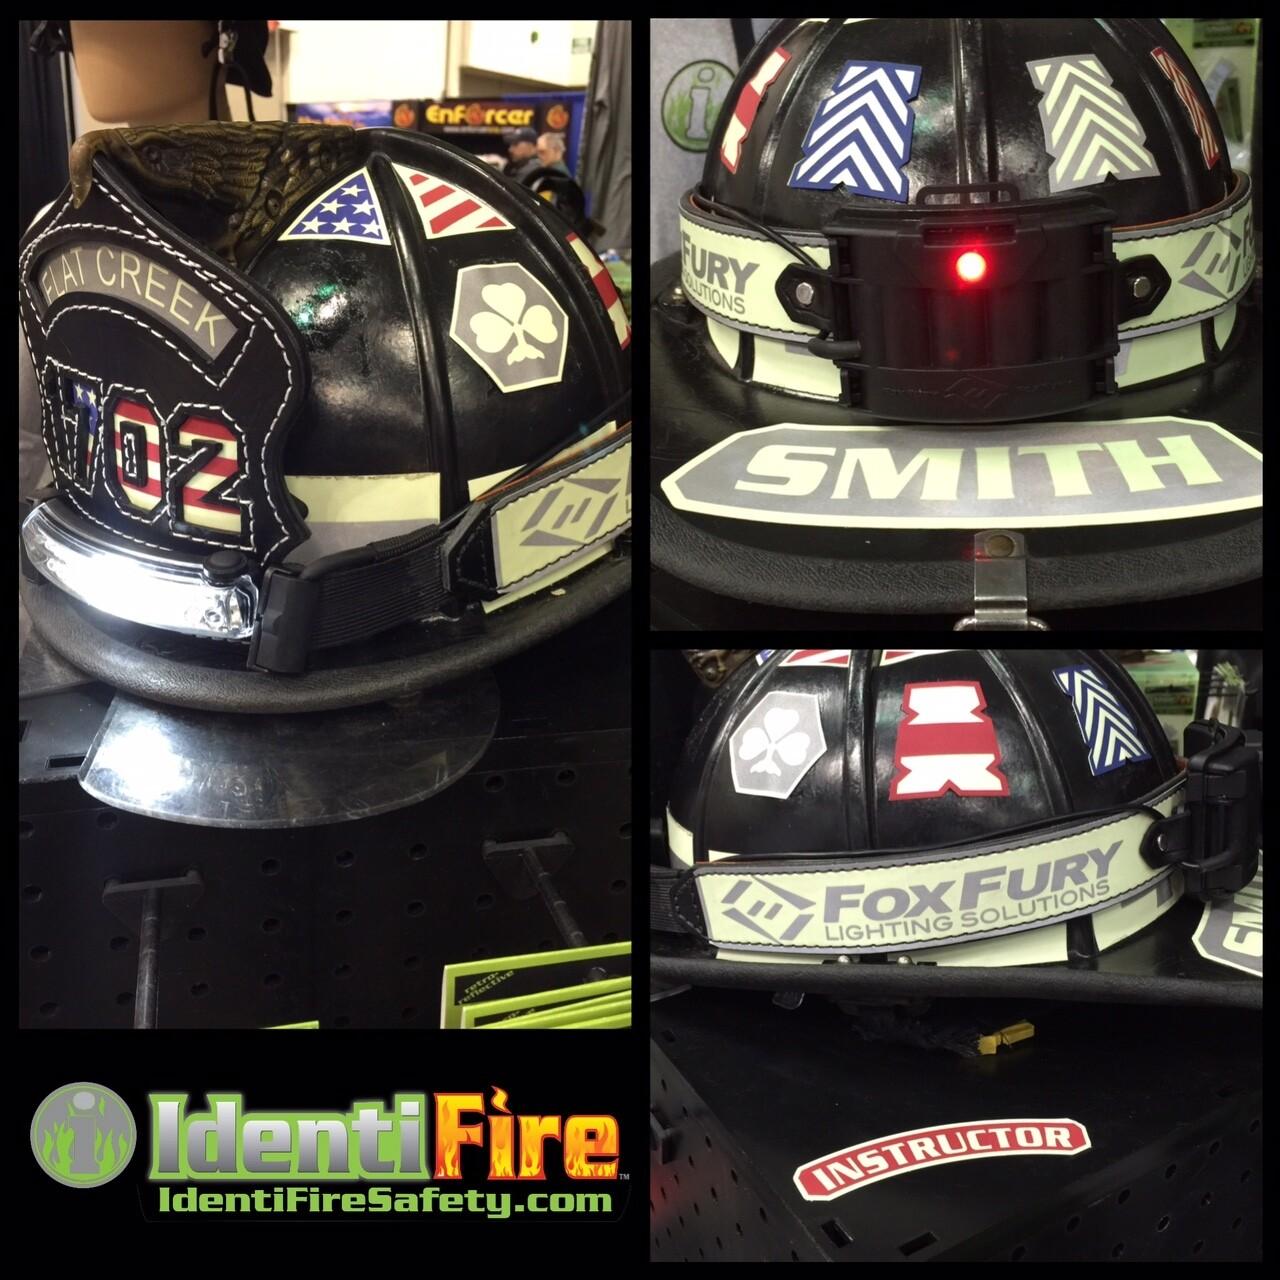 IdentiFire Gen 2 Helmet Band w/ FoxFury Light